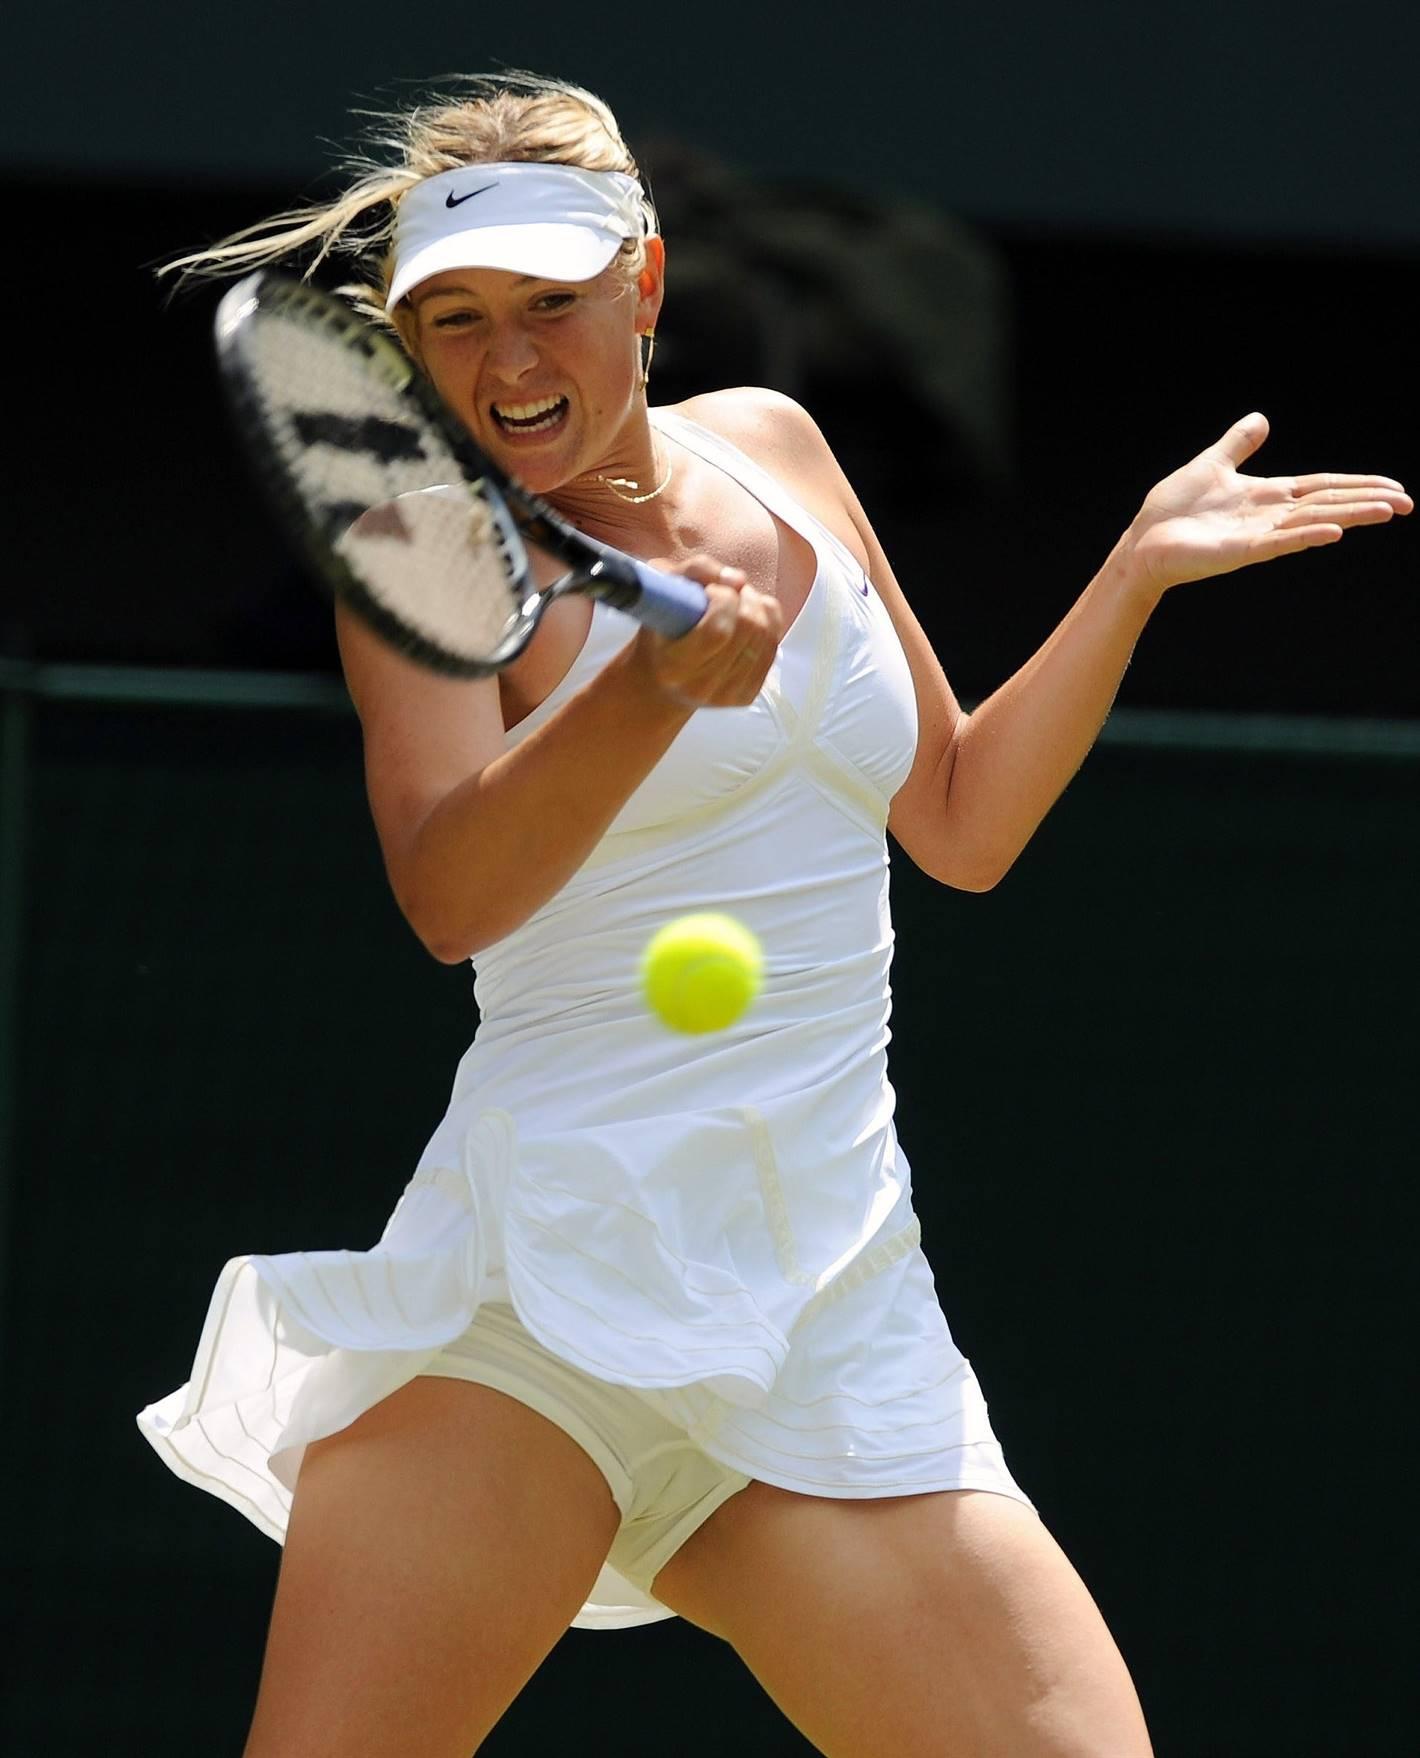 foto-zasvetov-tennisistok